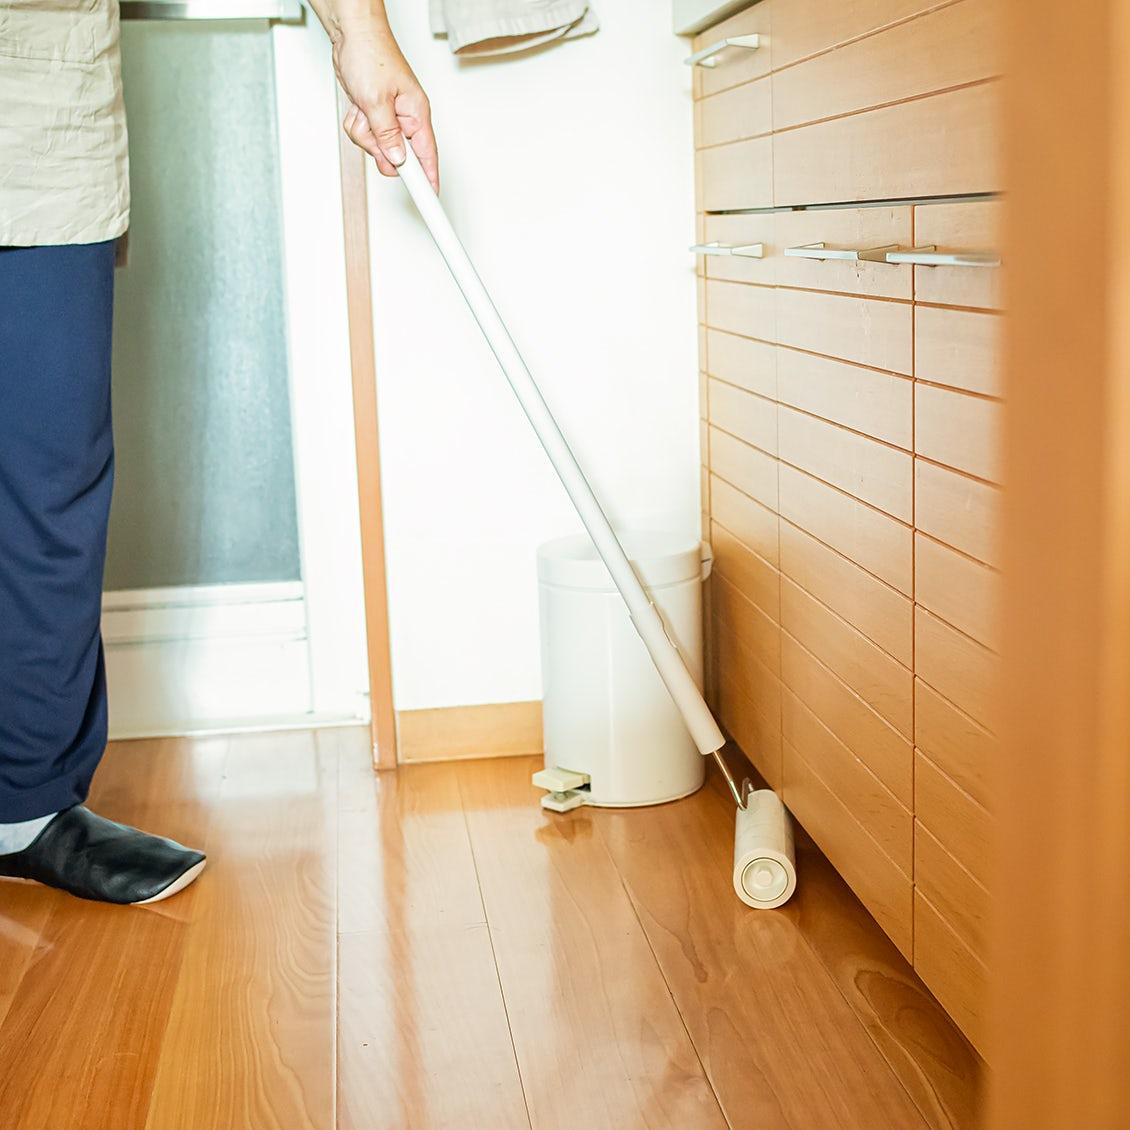 【フローリング掃除のツボ】キッチンの油汚れや洗面所の髪の毛。汚れの気になる場所も時短でキレイに!